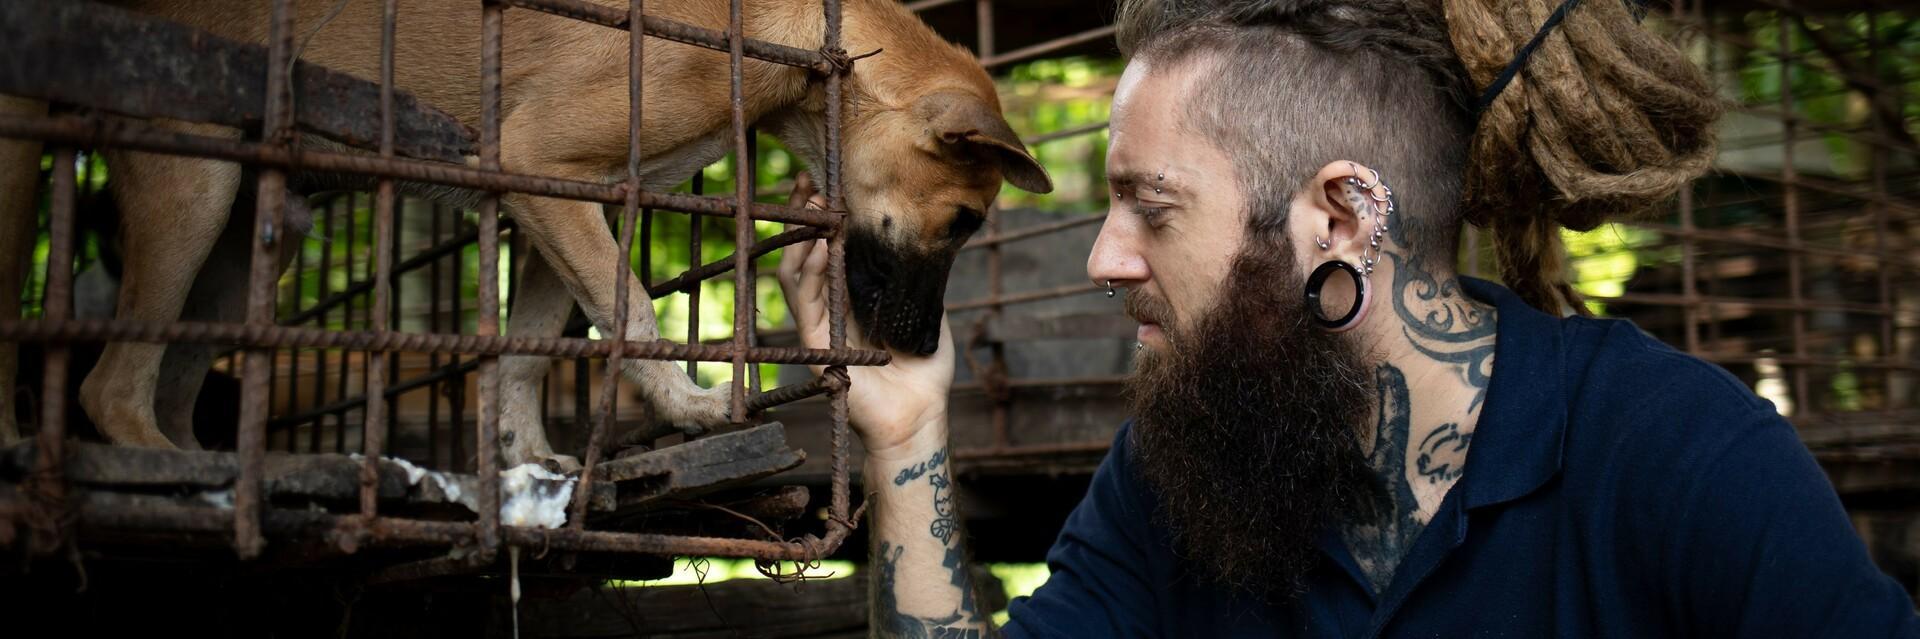 VIER VOETERS medewerker met hond in een kooi